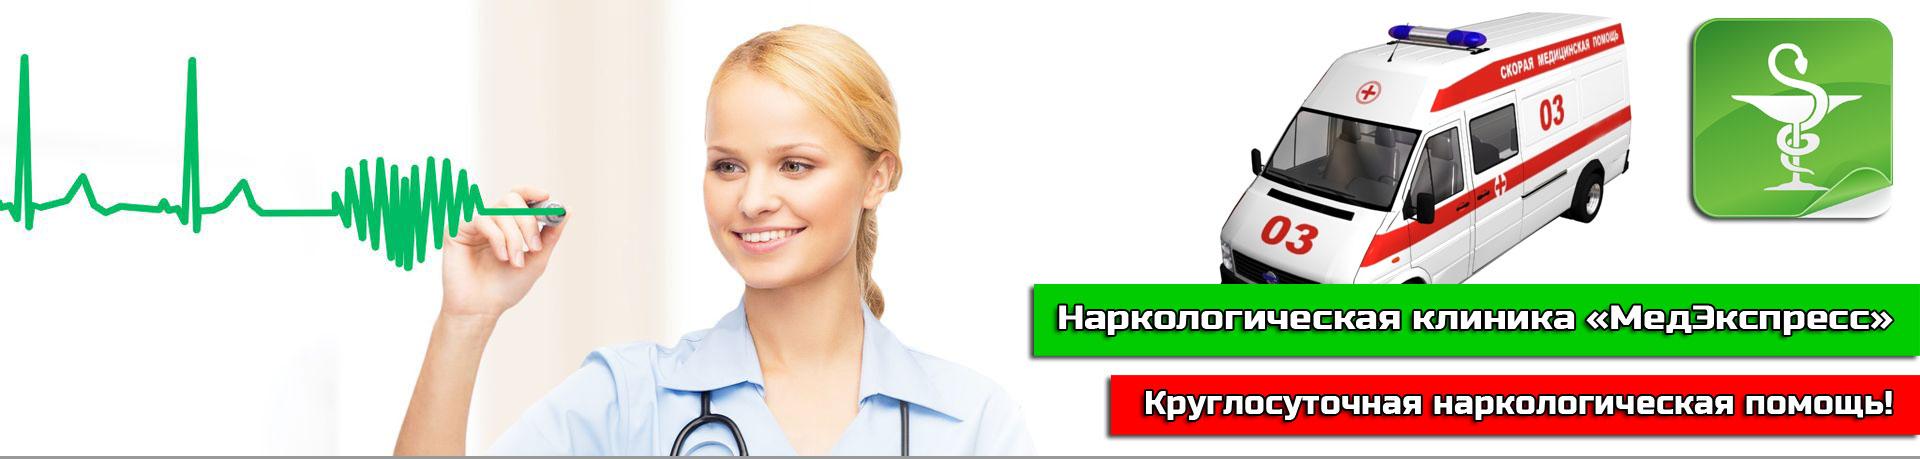 Психологическая служба спасения в Москве от алкоголизма круглосуточно лечение от алкоголизма в г стерлитамак